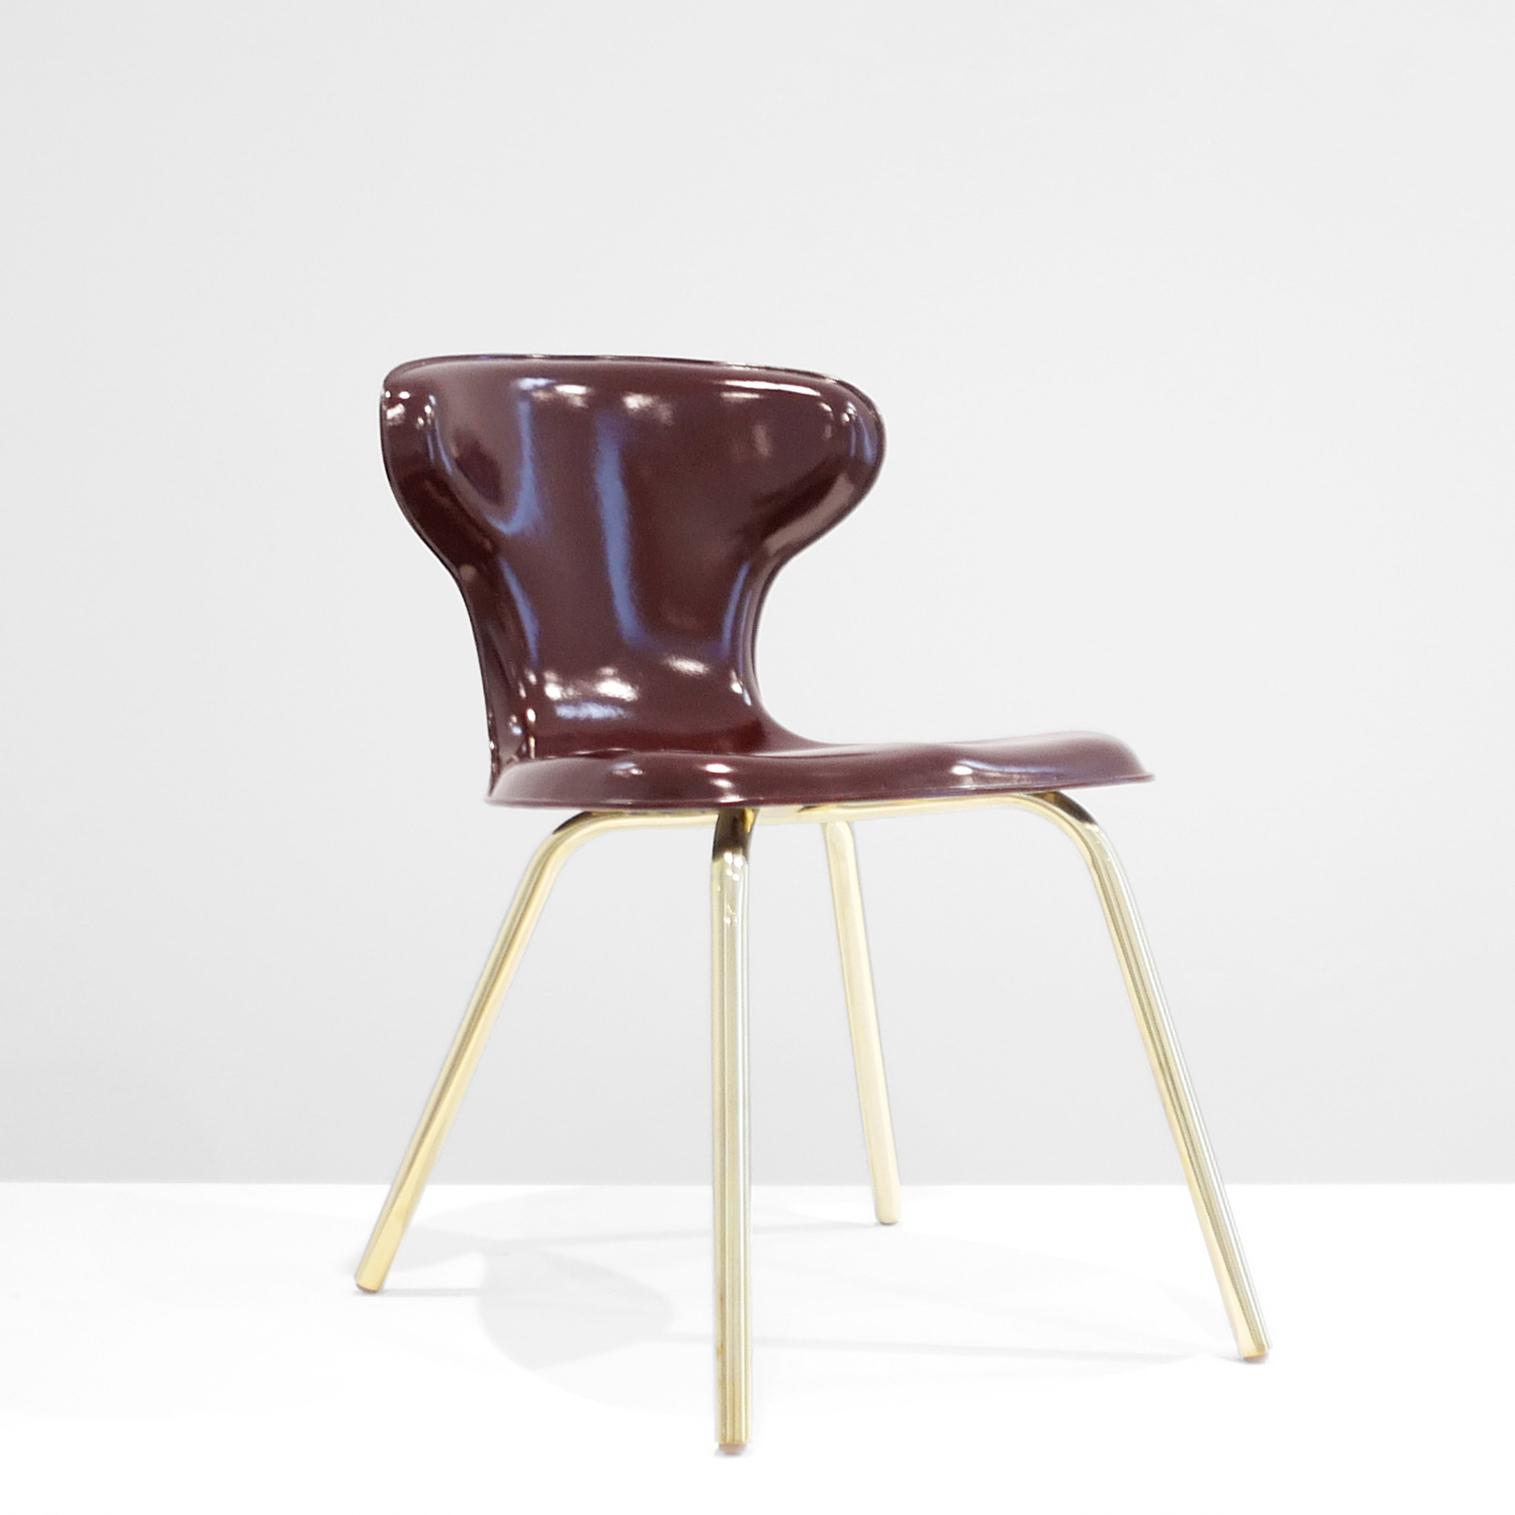 egmont arens fiberglass chair $5,000